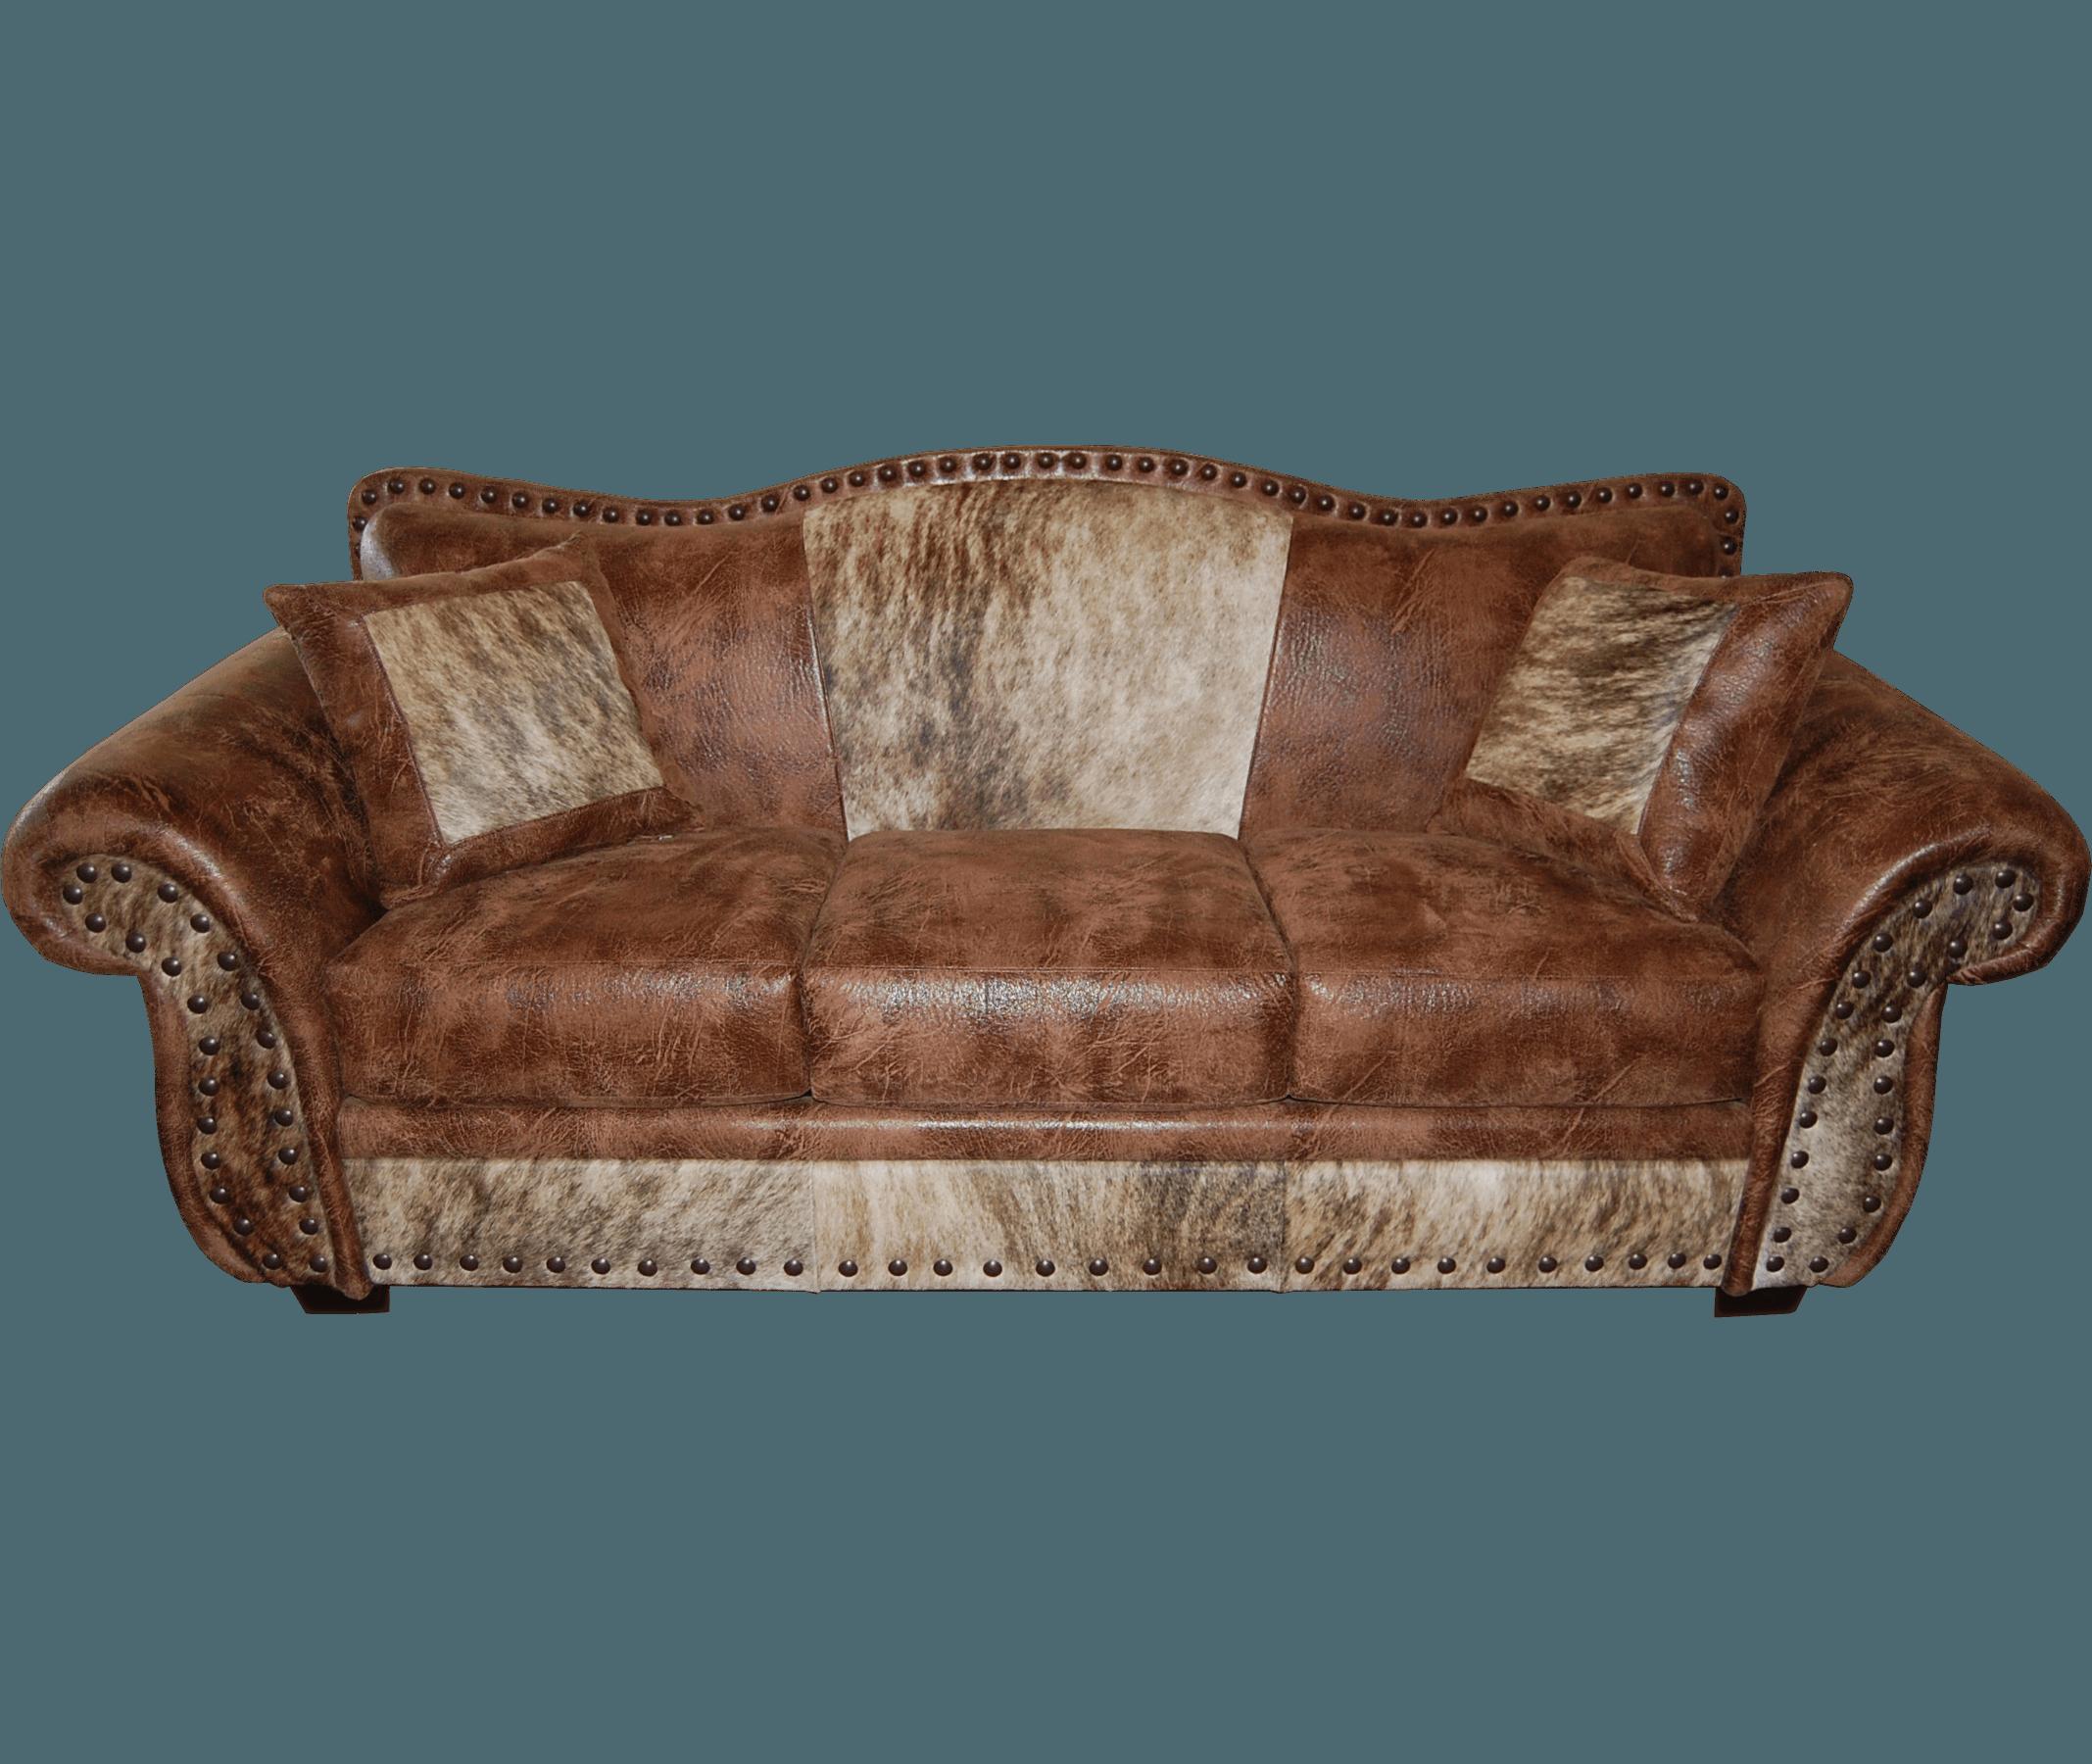 Sofas Rustic Log Furniture Of Utah